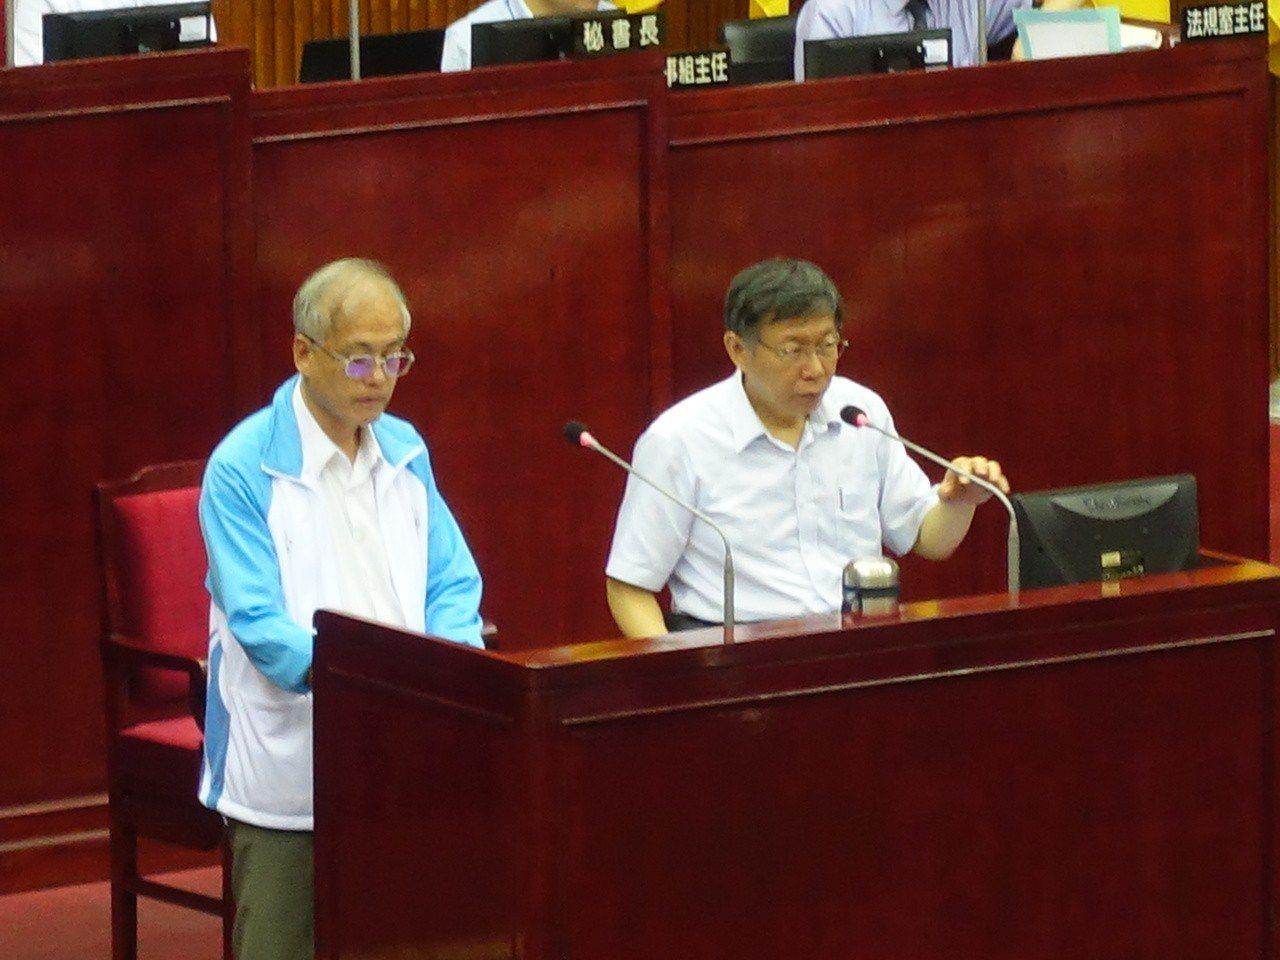 市議員鍾小平還問到,是否覺得作家吳祥輝是民進黨的打手?台北市長柯文哲則是笑說「繼...